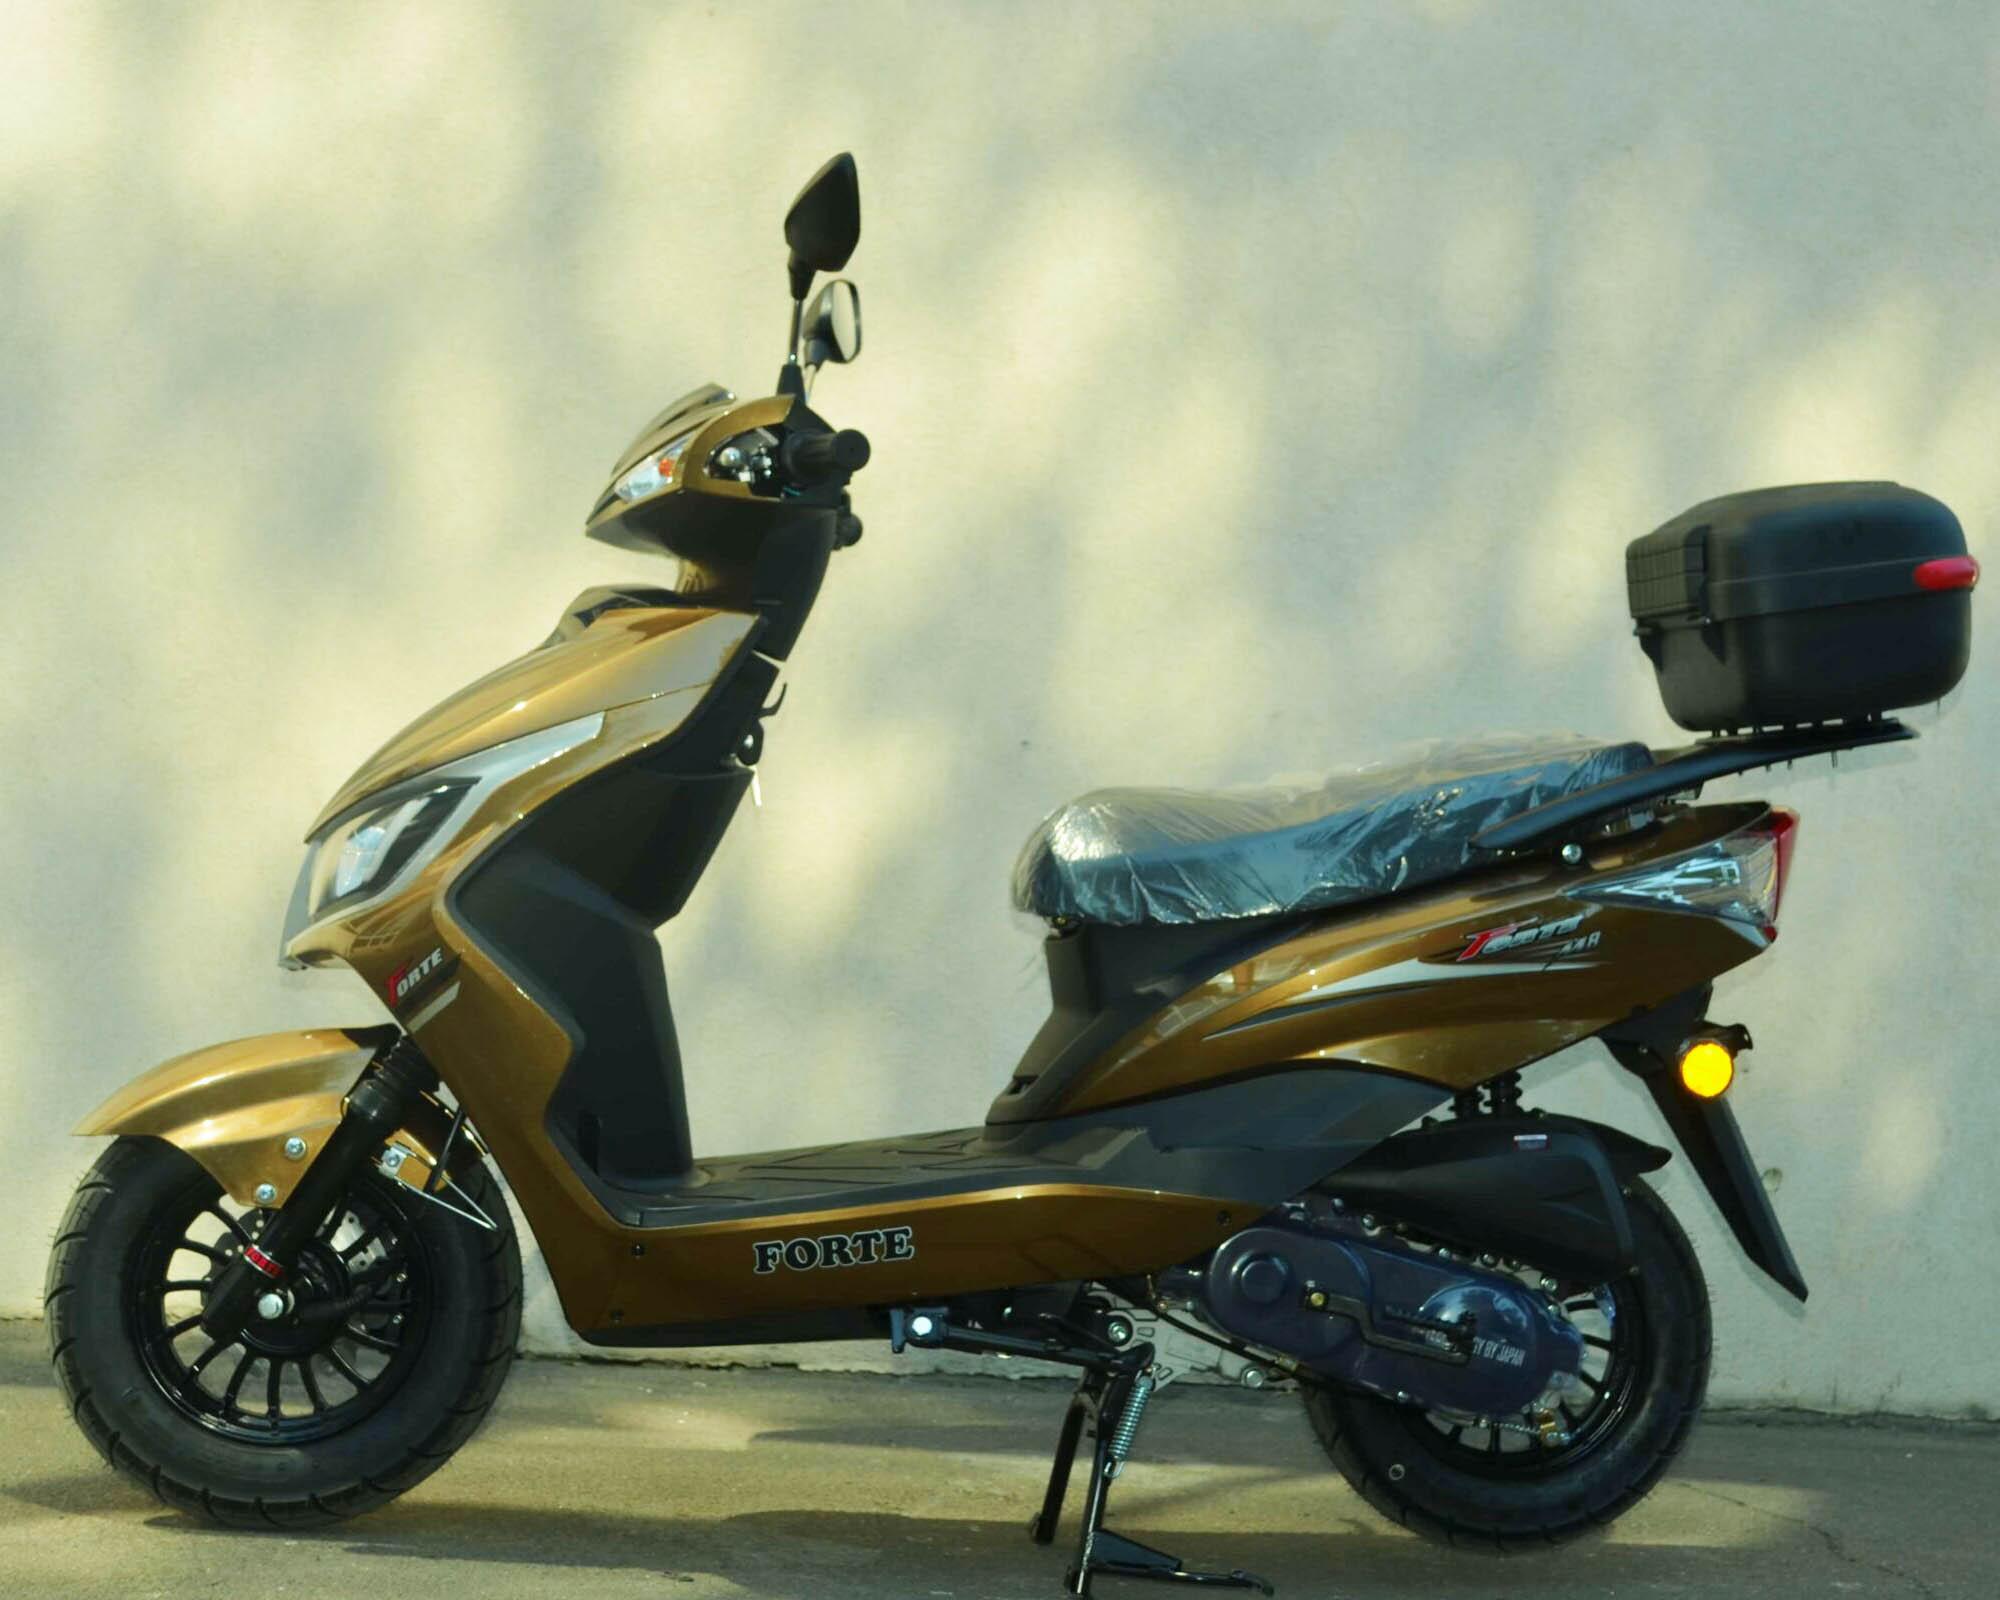 Скутер Forte M8 цвет золотистый металлик вид слева купить по низкой цене